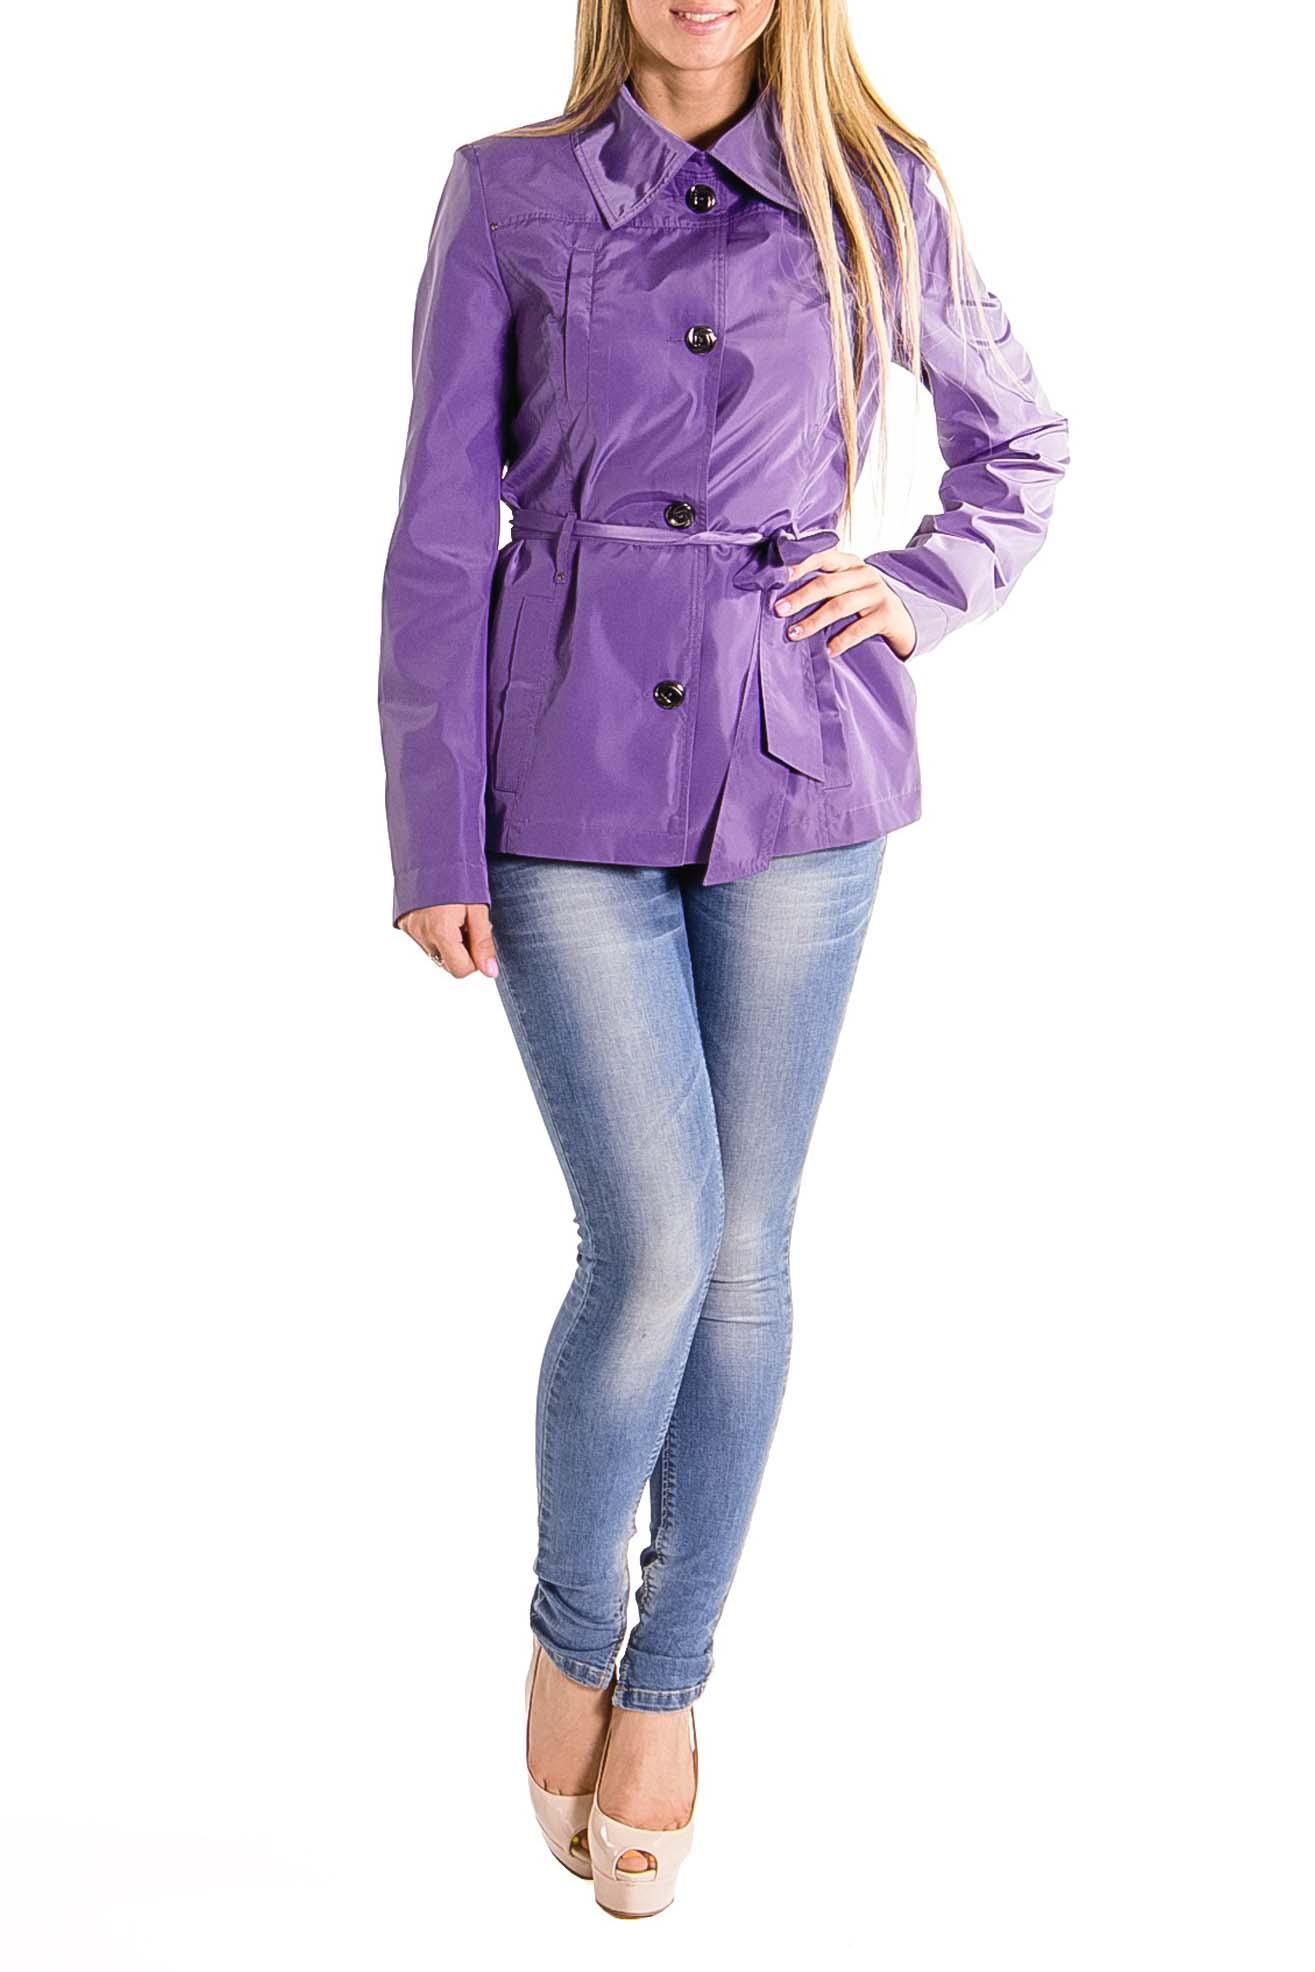 ВетровкаКуртки<br>Куртка - ветровка полуприлегающего силуэта, длиной чуть ниже уровня бёдер. Кокетка на передней и задней частях изделия. Рельефы из проймы. Отложной воротник на стойке с хлястиком. Застёжка на пуговицы. Пояс по талии. Карманы с листочкой в рельефах.  Цвет: сиреневый  Длина рукава - 65 см  Рост девушки-фотомодели - 170 см  Длина изделия: 44 размер - 66 см ± 1 см 46 размер - 66 см ± 1 см 48 размер - 66 см ± 1 см 50 размер - 66 см ± 1 см 52 размер - 66 см ± 1 см 54 размер - 66 см ± 1 см<br><br>По длине: Короткие<br>По рисунку: Однотонные<br>По сезону: Весна,Осень<br>По элементам: С воротником,С декором,С карманами,С отделочной фурнитурой,С поясом<br>Рукав: Длинный рукав<br>По стилю: Повседневный стиль<br>Застежка: С пуговицами<br>По материалу: Плащевая ткань<br>По силуэту: Полуприталенные<br>По форме: Ветровка<br>Воротник: Отложной<br>Размер : 44,46<br>Материал: Болонья<br>Количество в наличии: 4